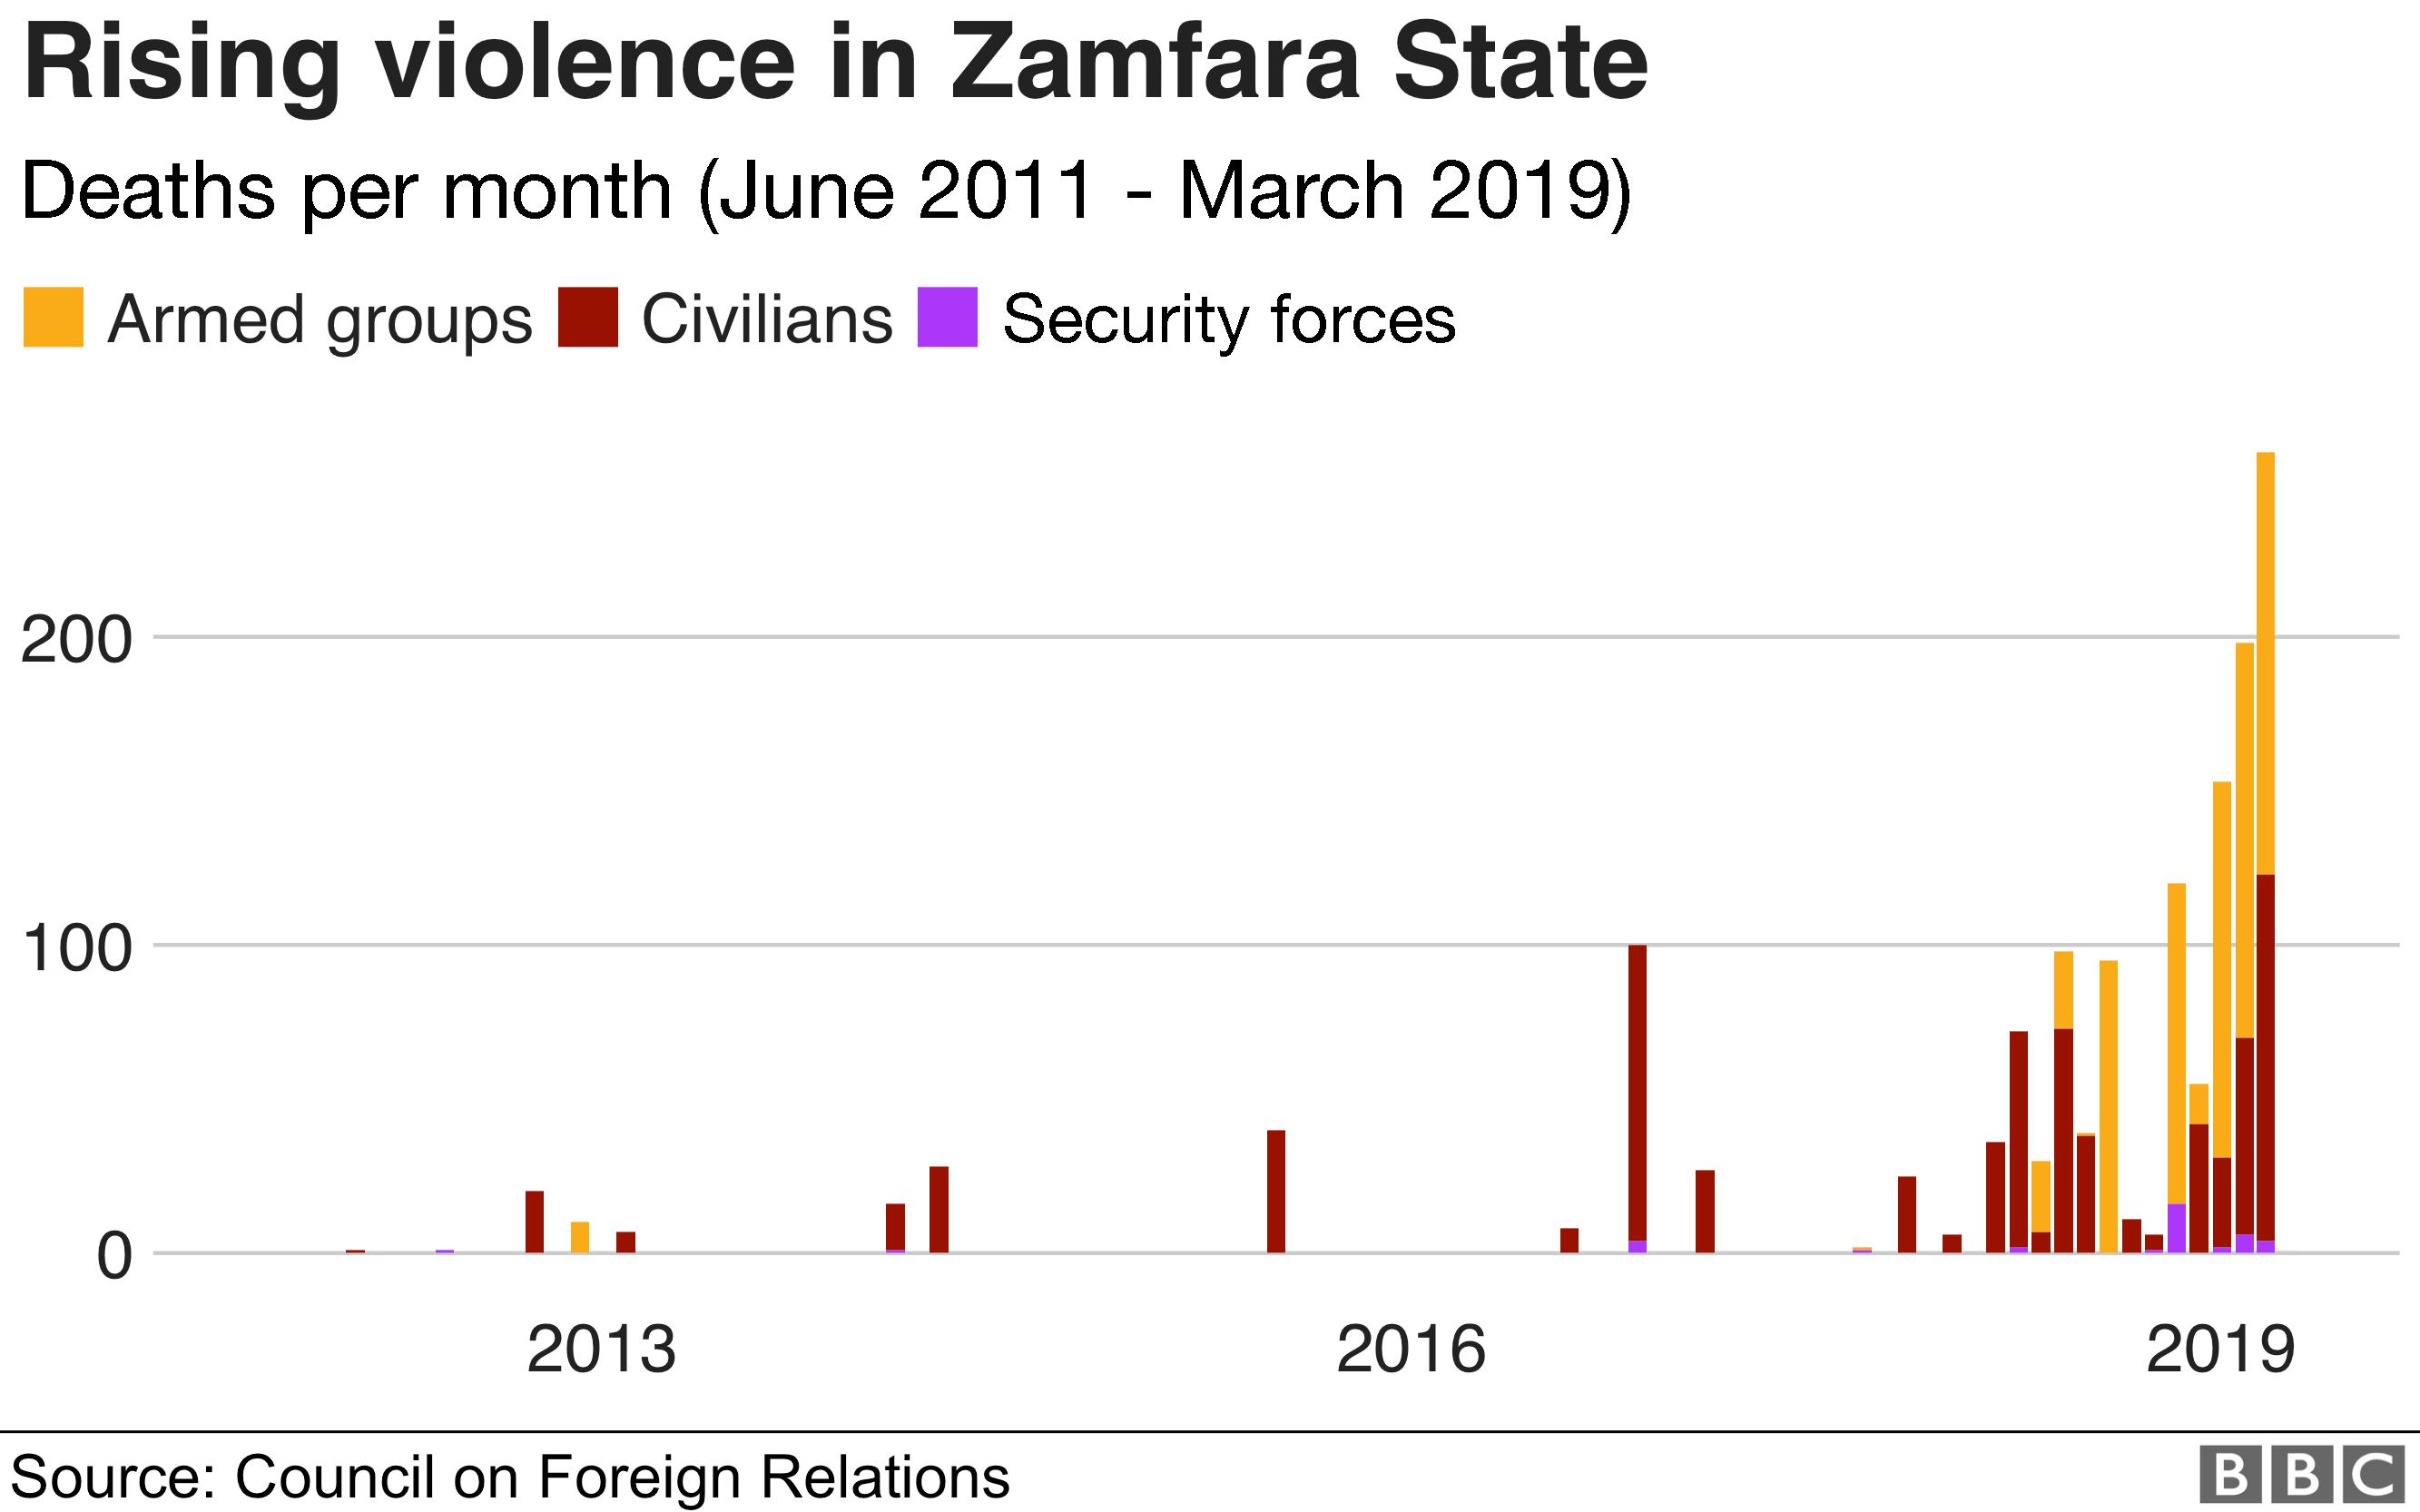 Graph showing rising violence in Zamfara